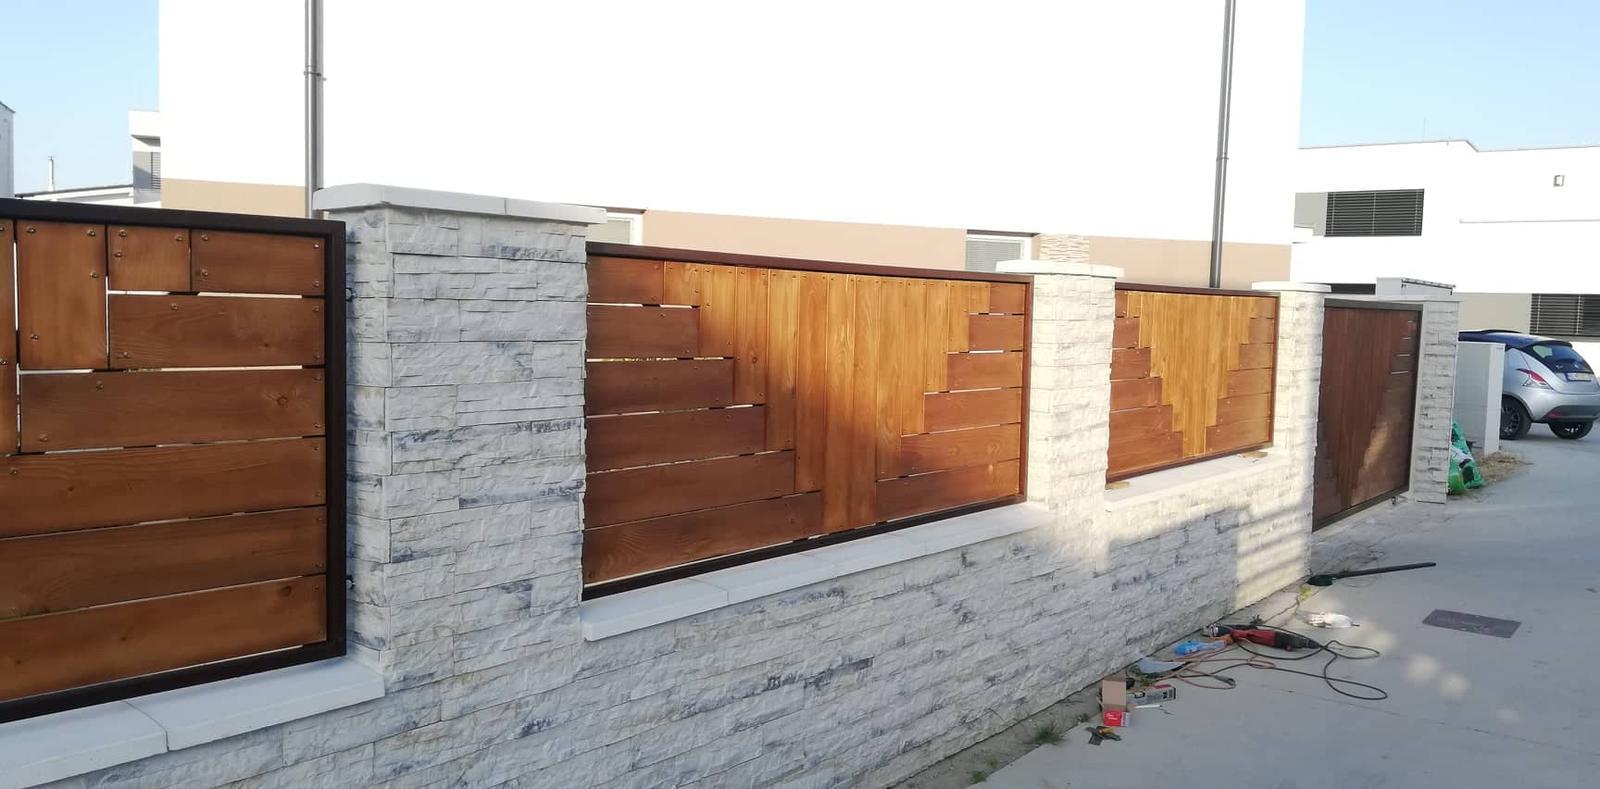 Posuvná brána + plotové výplne. Materiál smrek tzv parketový vzor - Obrázok č. 11